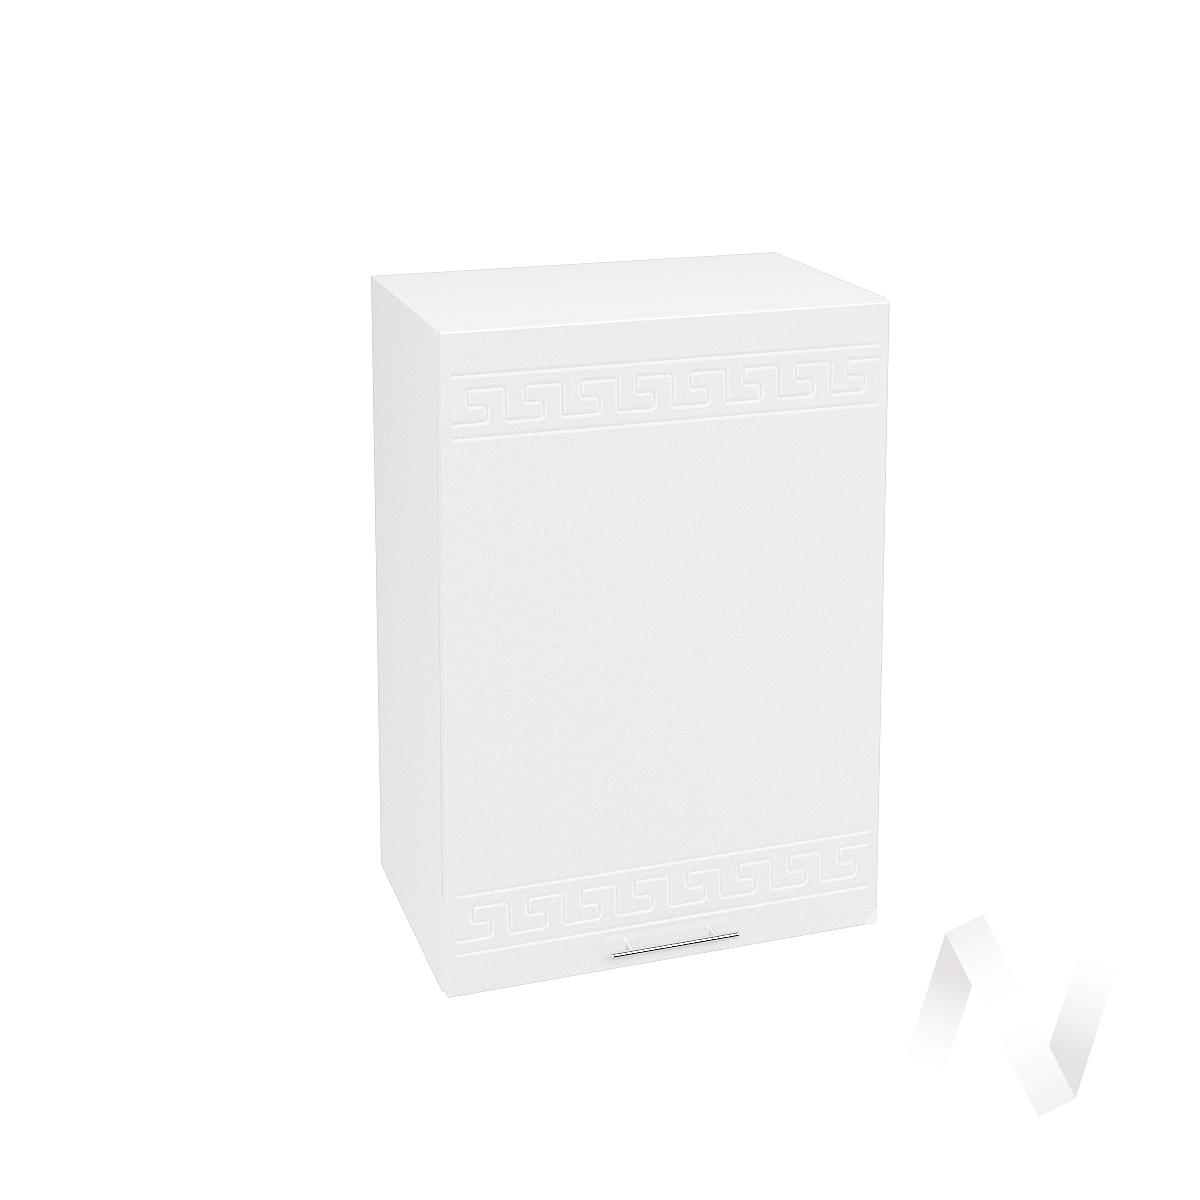 """Кухня """"Греция"""": Шкаф верхний 500, ШВ 500 (белый металлик/корпус белый)"""